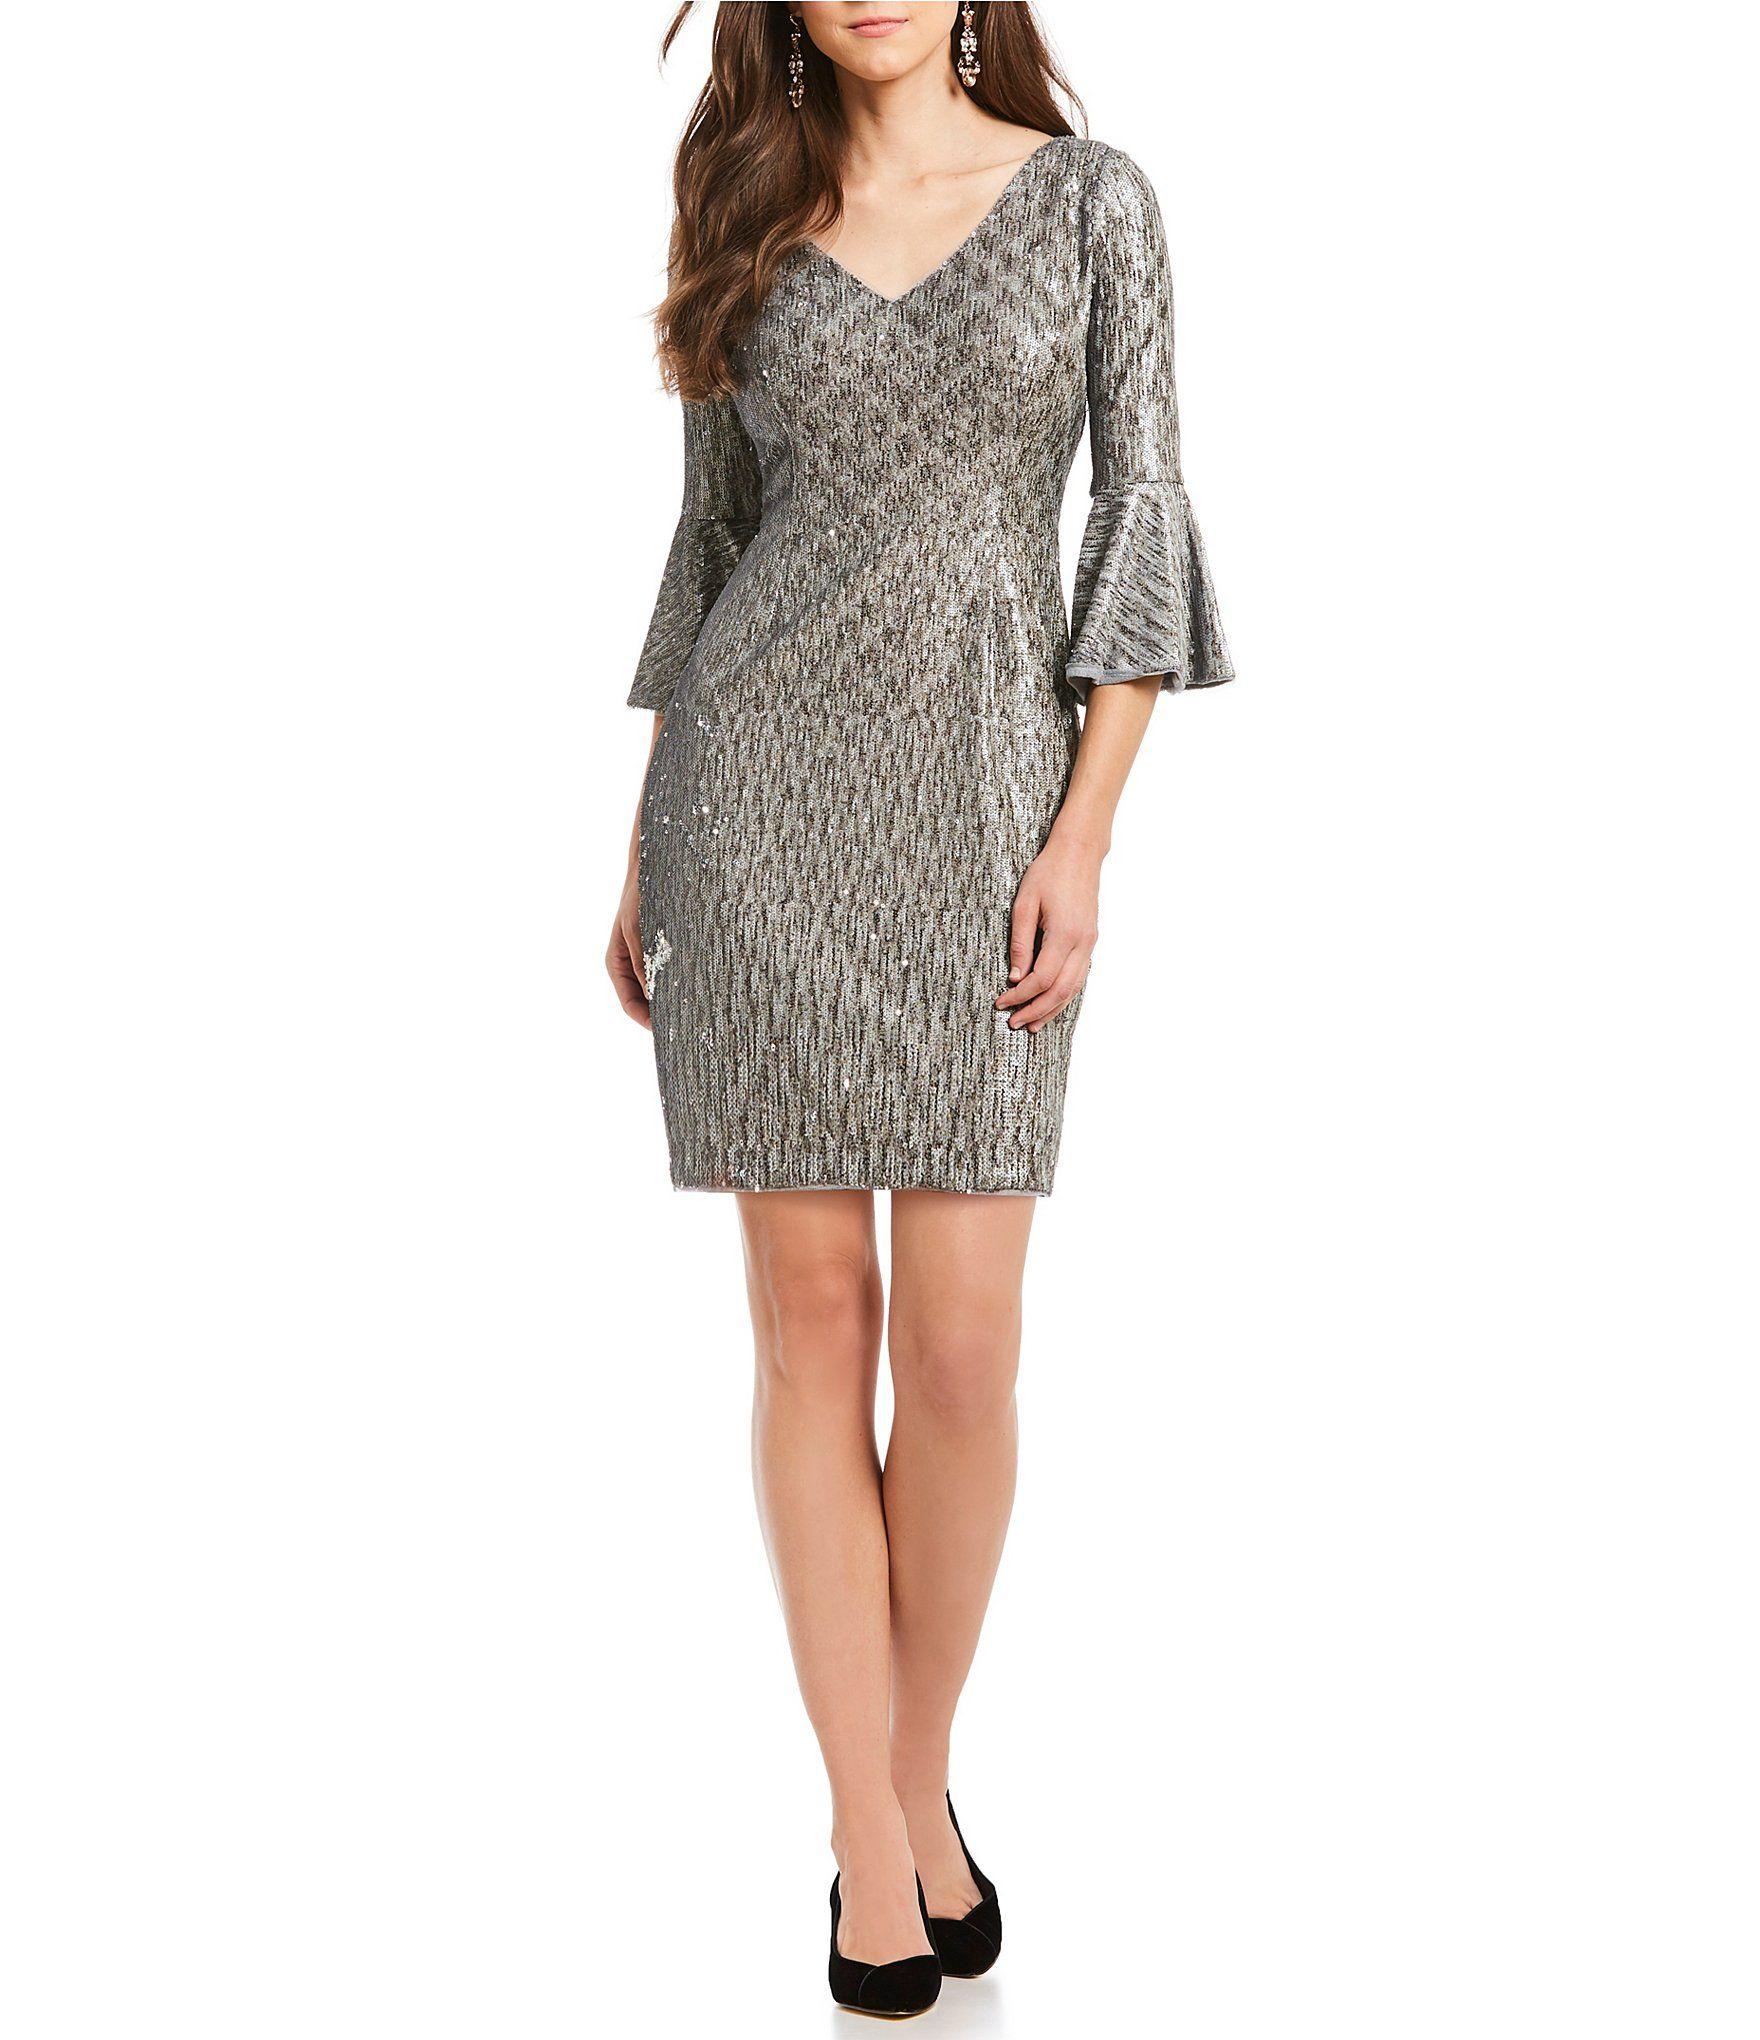 e4a25472307 Dillards Special Occasion Dresses Petite